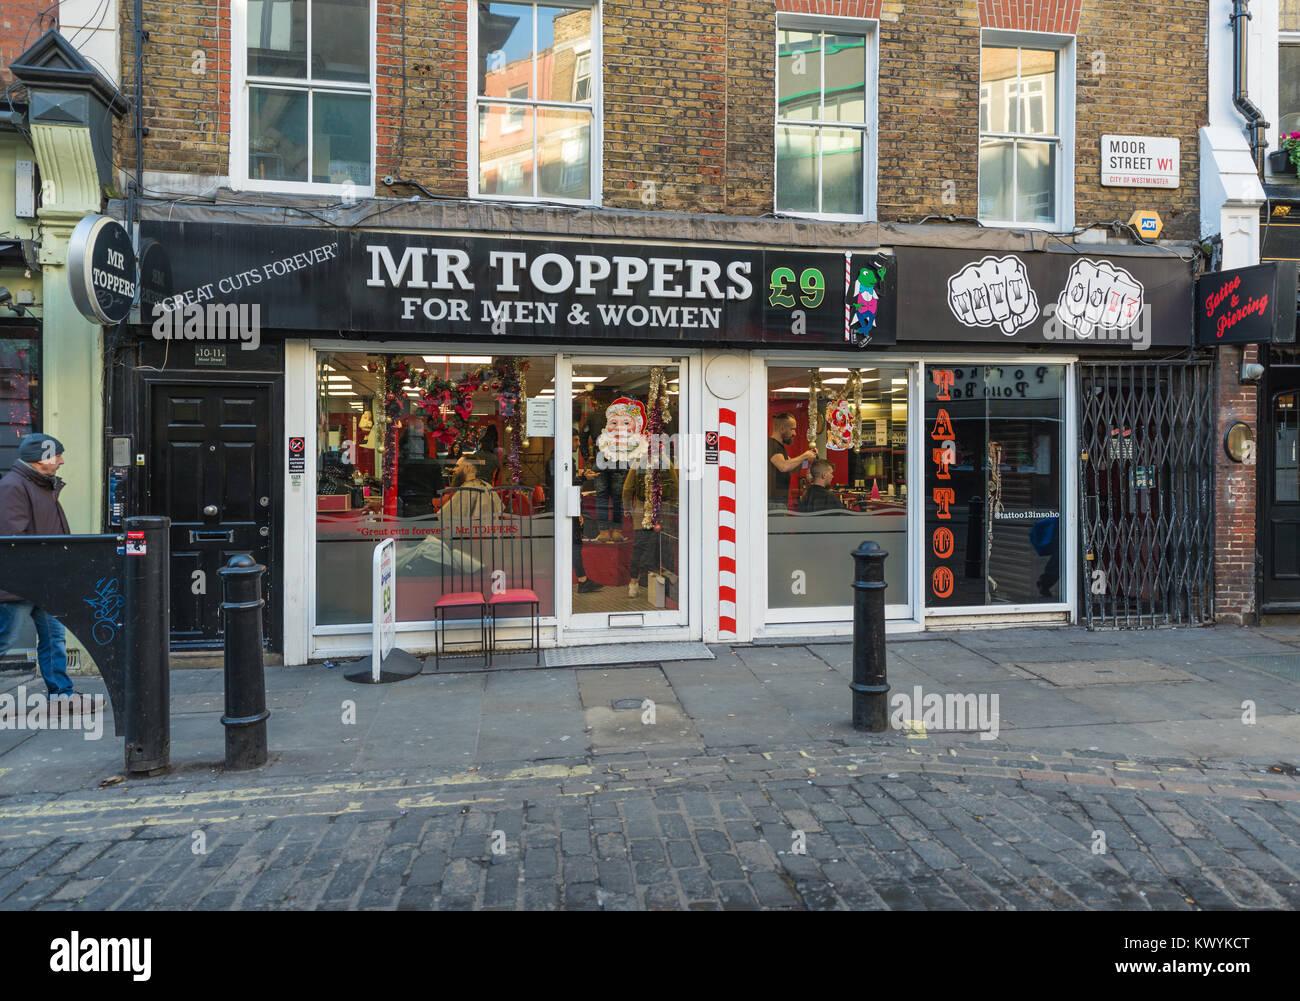 Mr Toppers hairdresser salon, Moor Street, Soho, London, England, UK - Stock Image